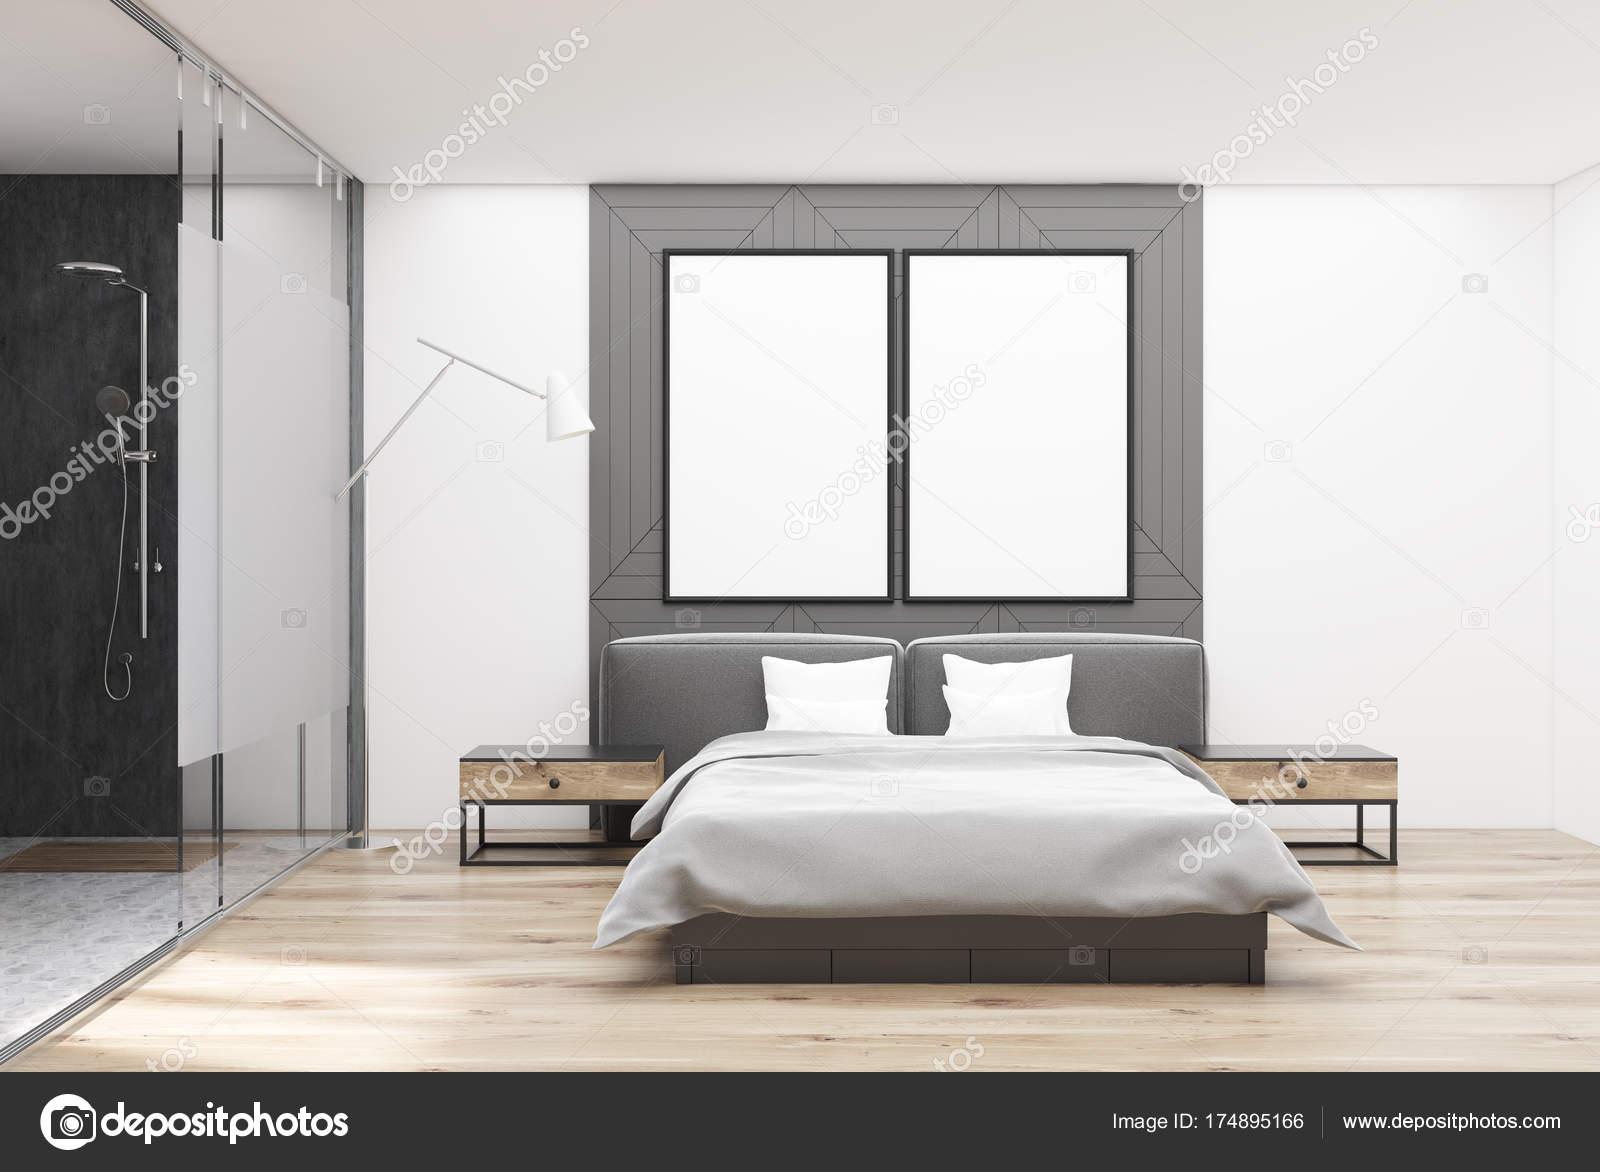 Wzór W Biało Szara Sypialnia Plakaty Zdjęcie Stockowe